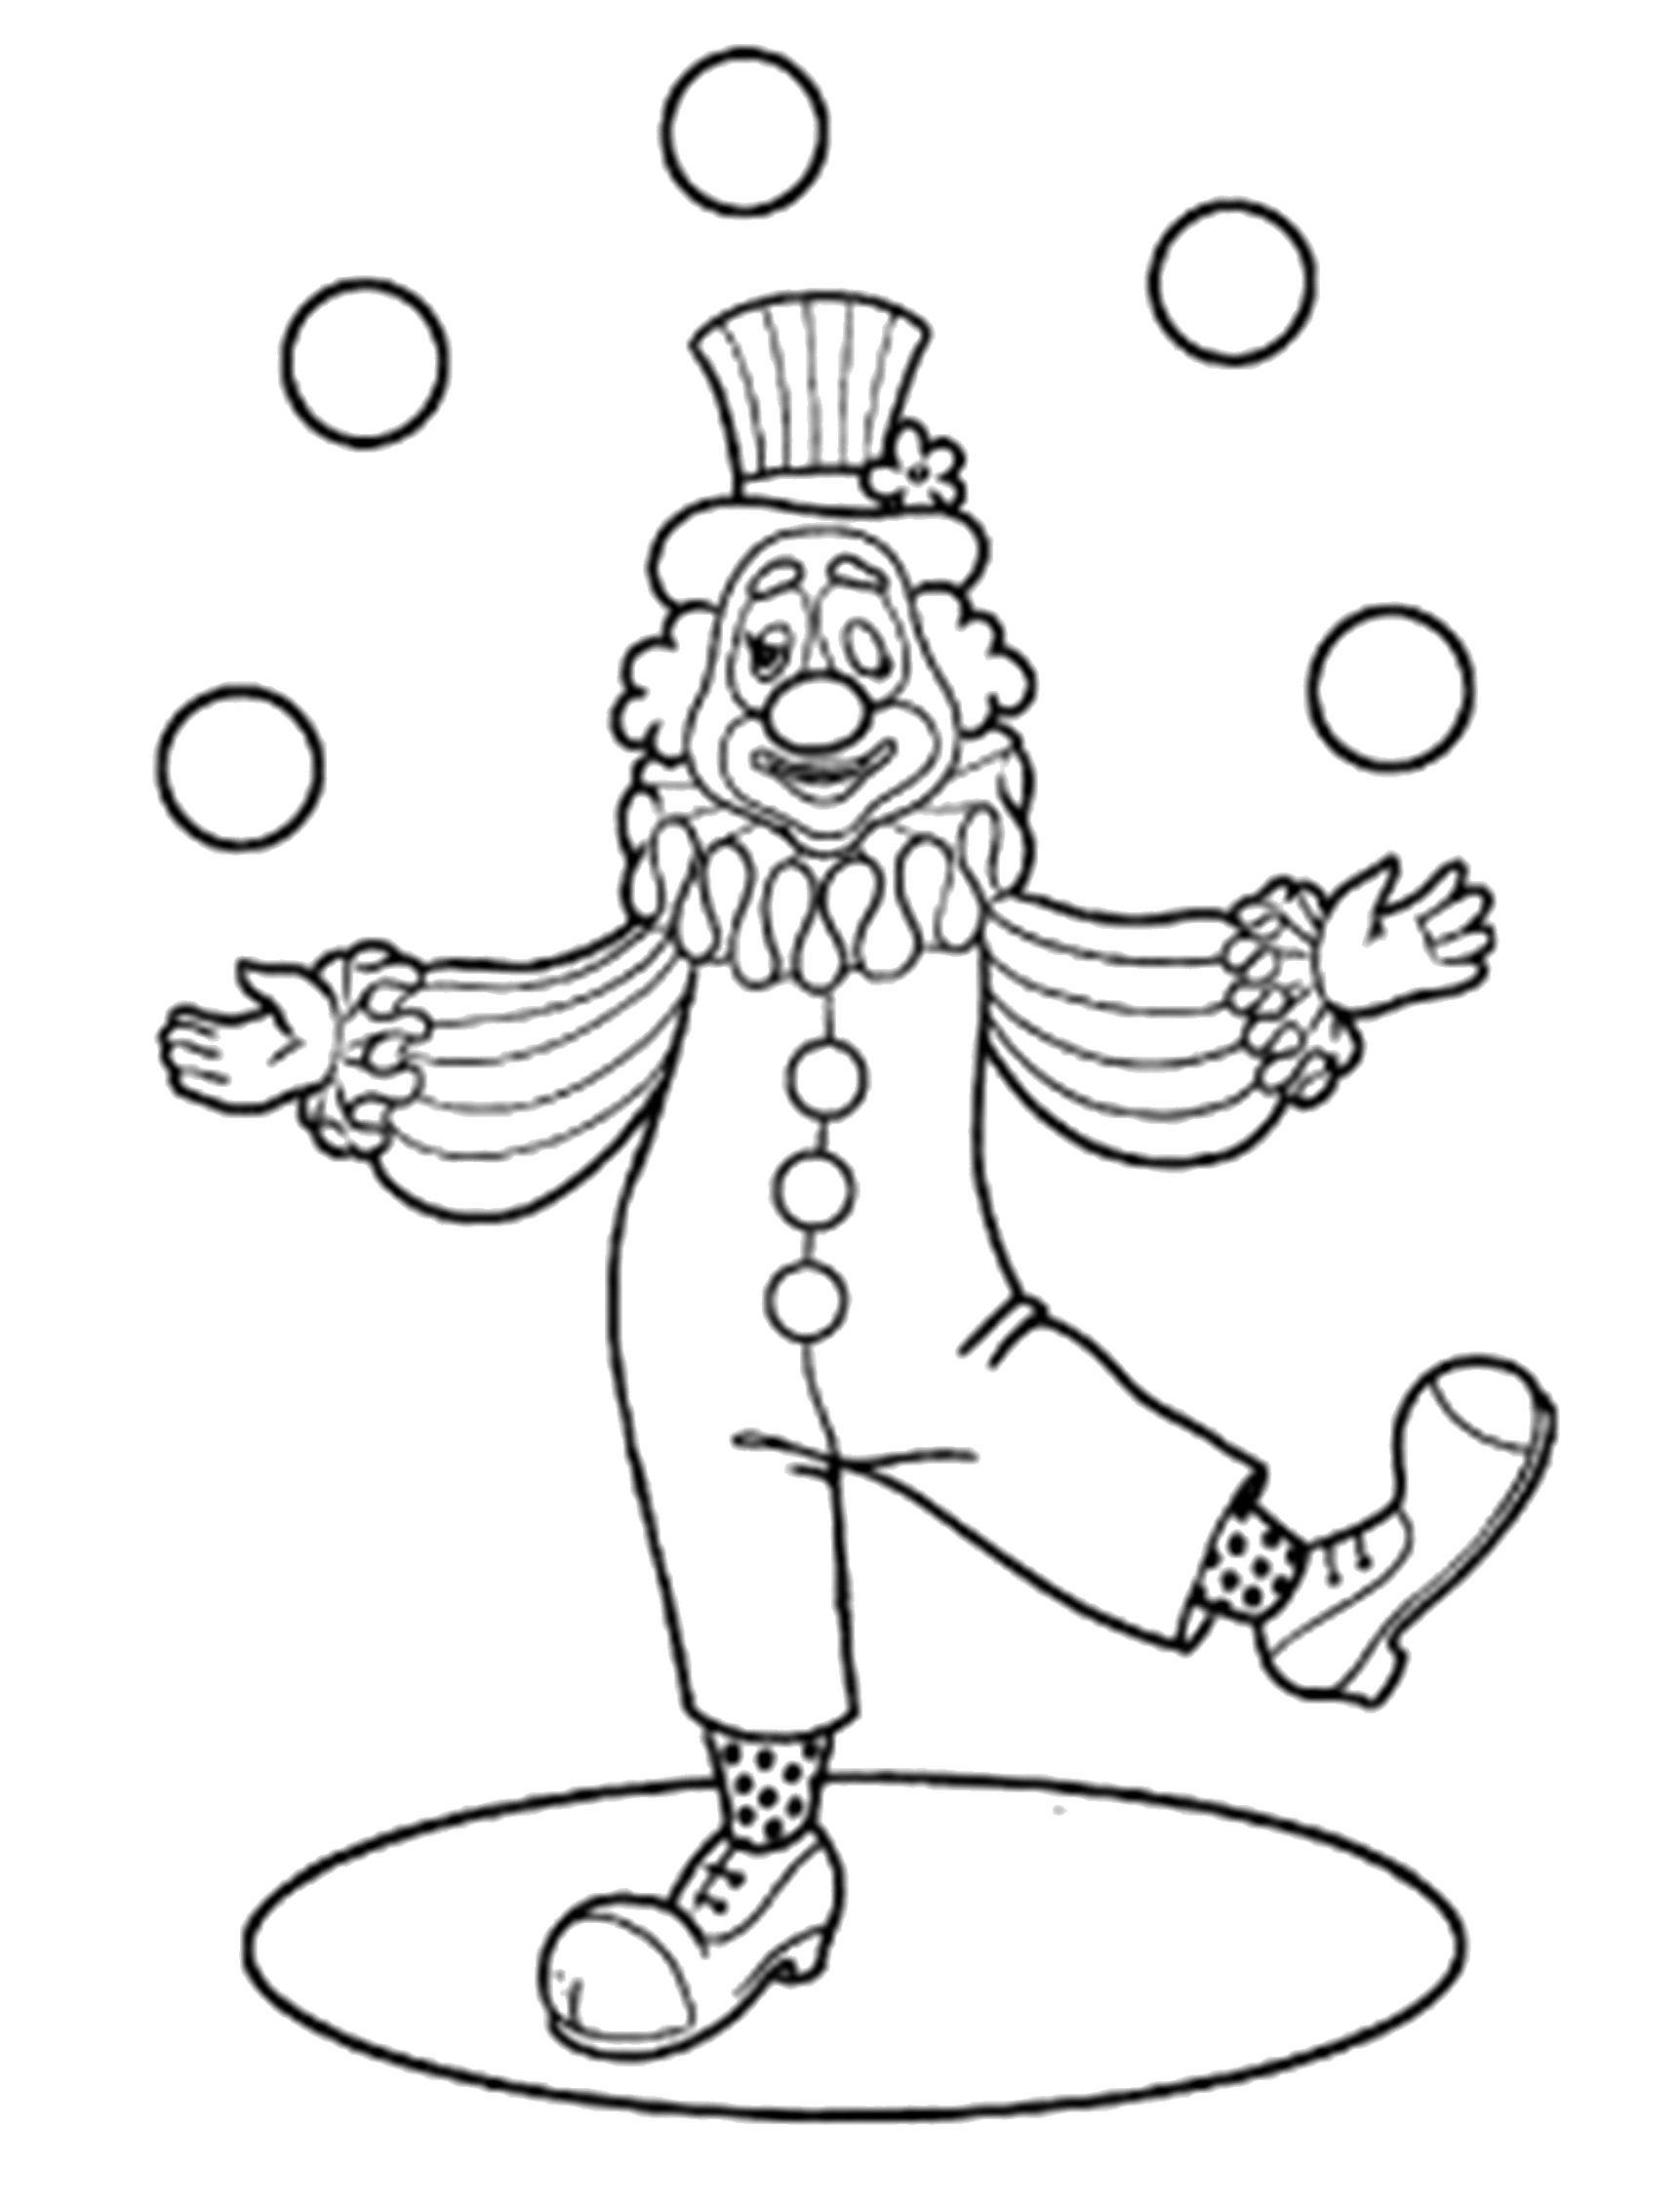 раскраска с клоунами схему потом найду